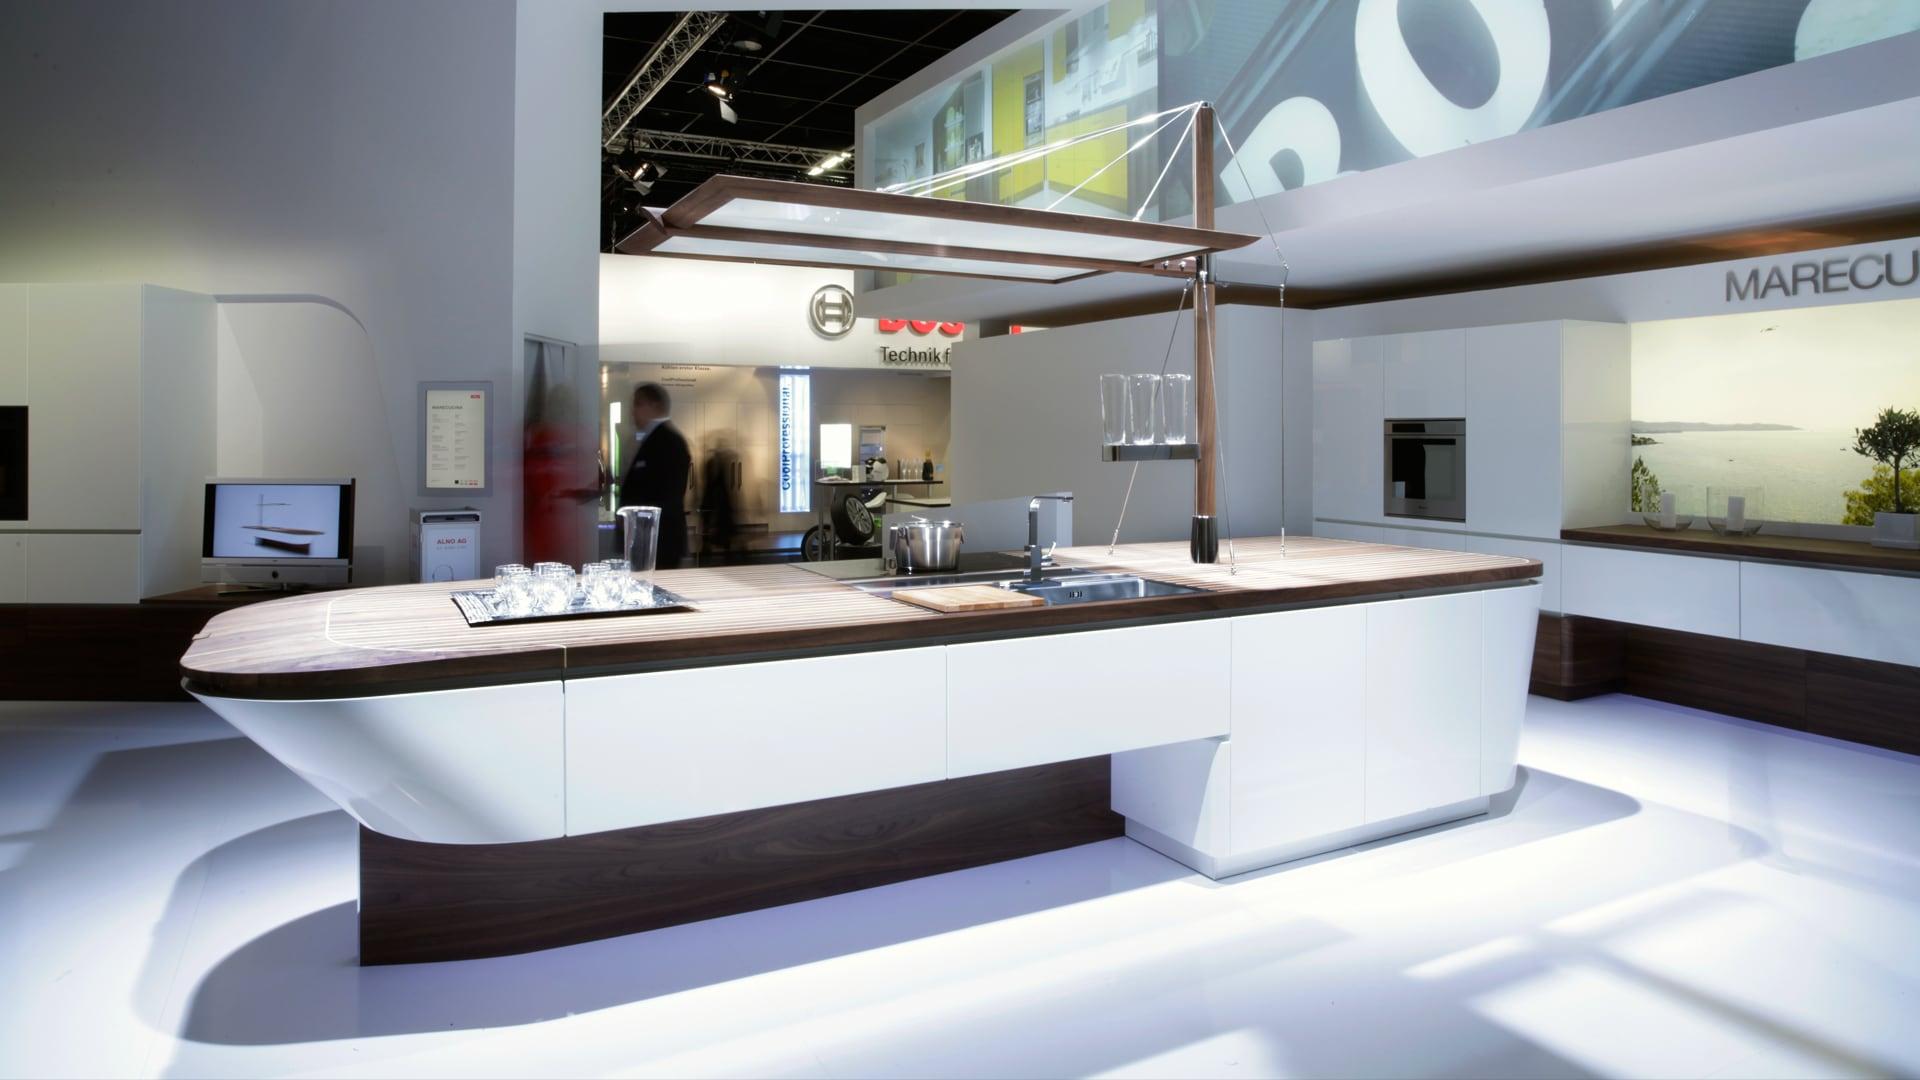 imm living kitchen 2011 cerberus. Black Bedroom Furniture Sets. Home Design Ideas